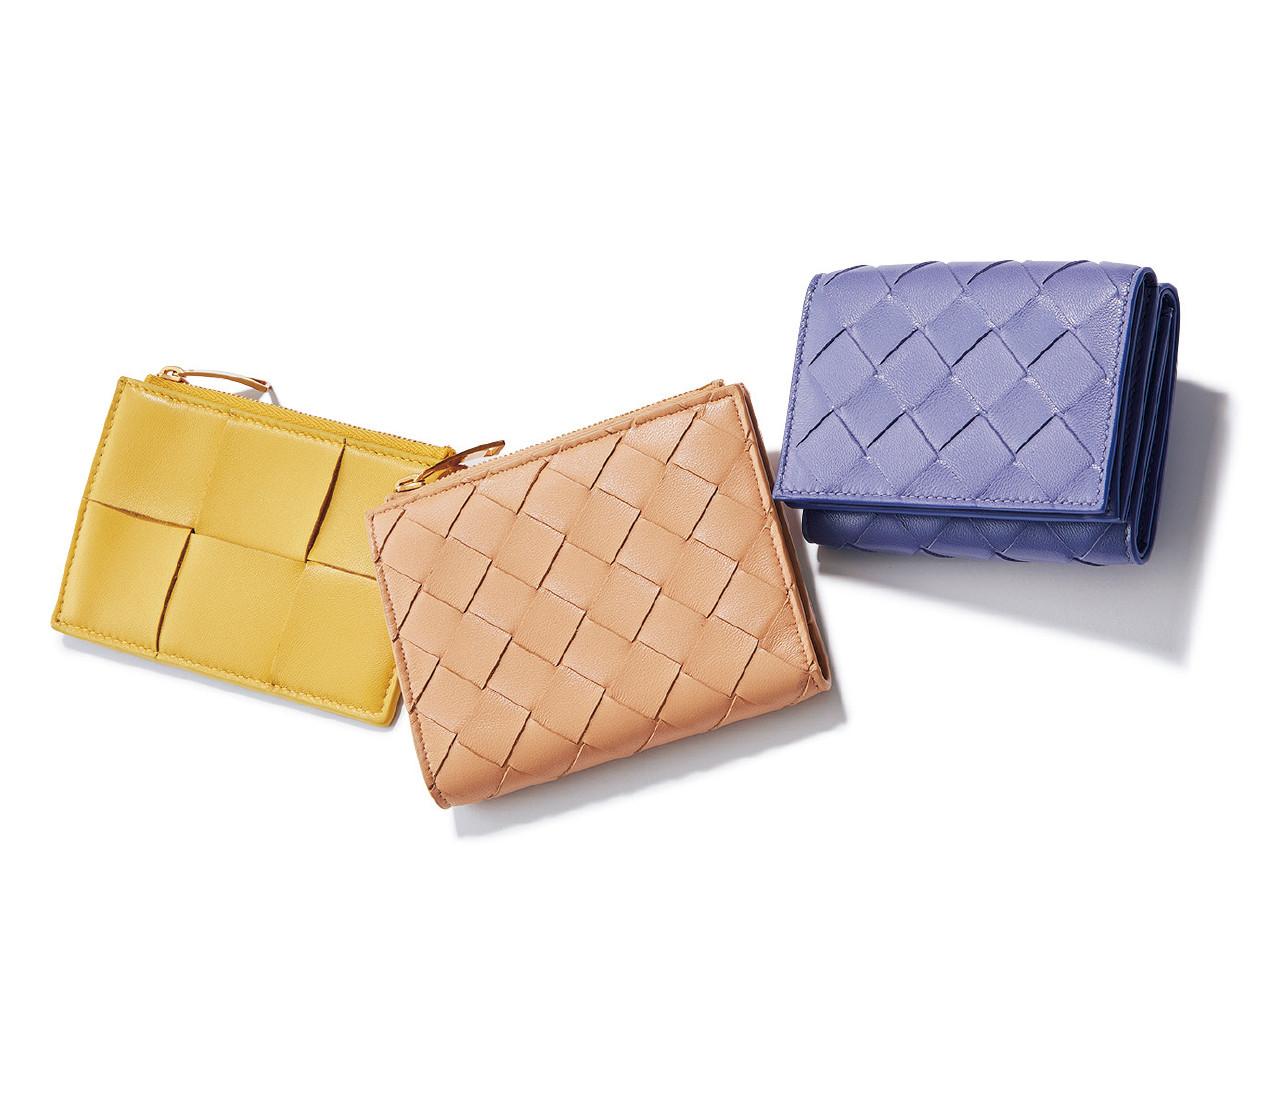 【ボッテガ・ヴェネタ】ミニ財布からジュエリーまで、春の新作小物をチェック!